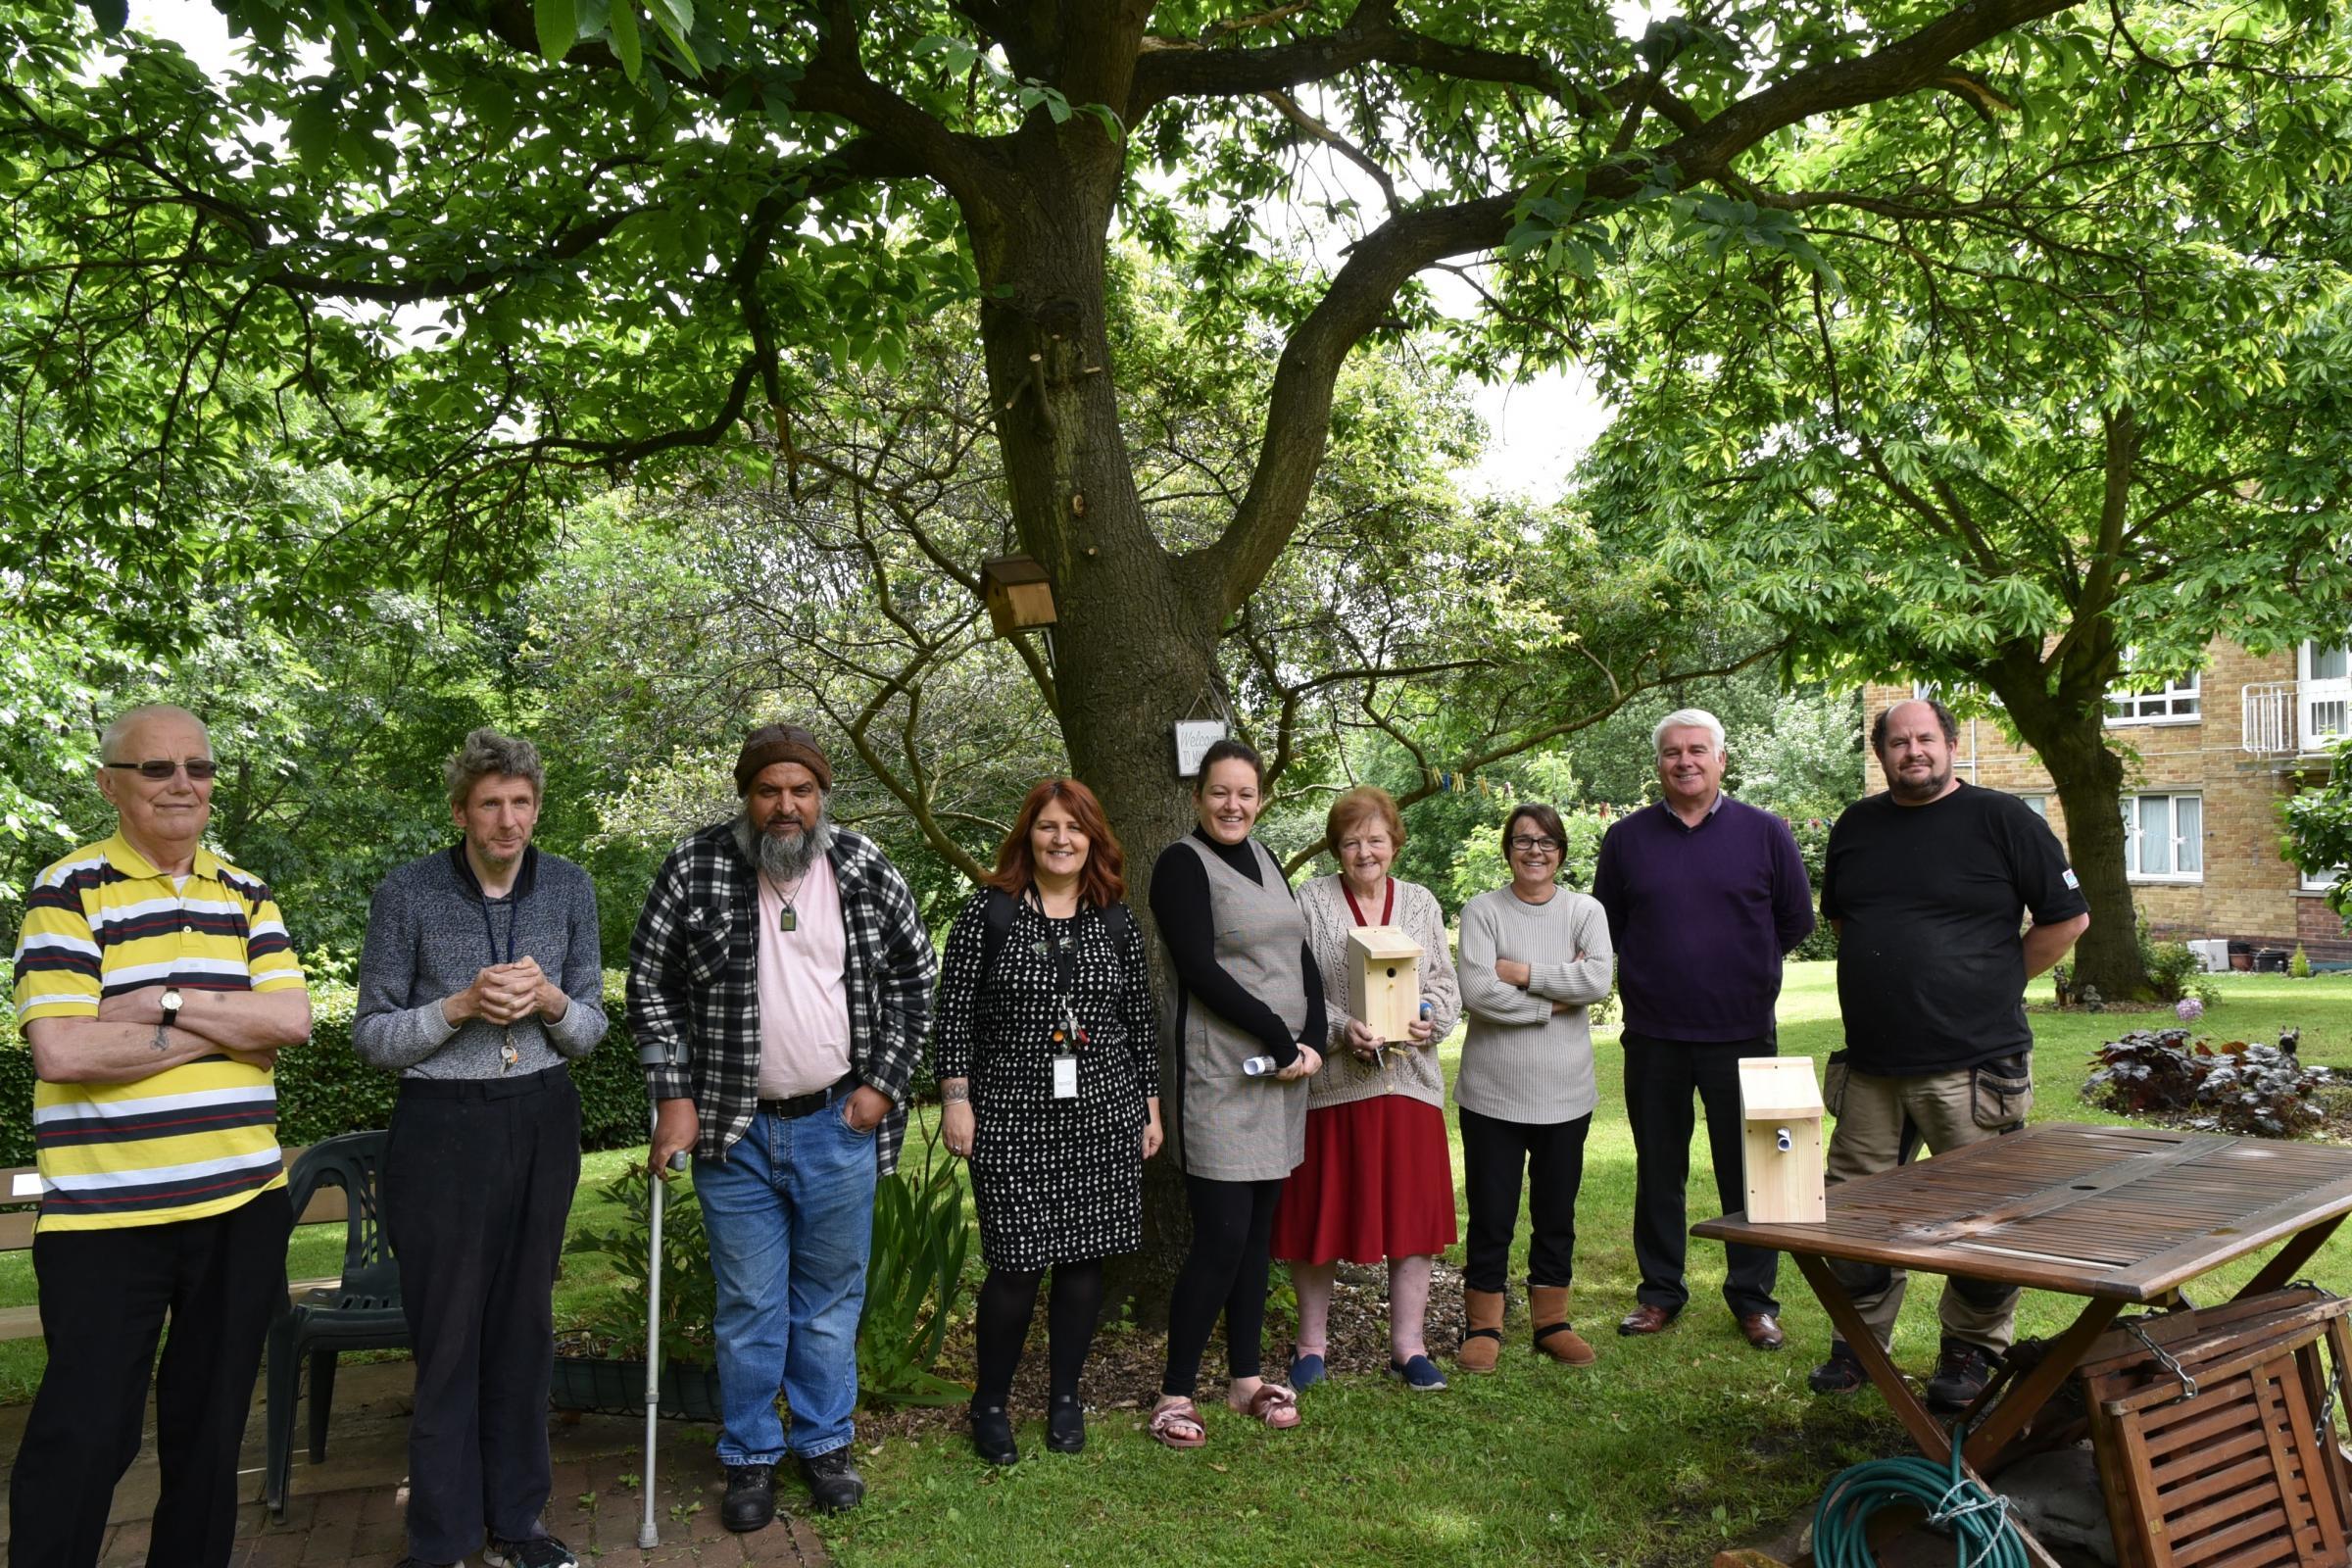 Shipley flat residents' joy at new Norwood Avenue garden